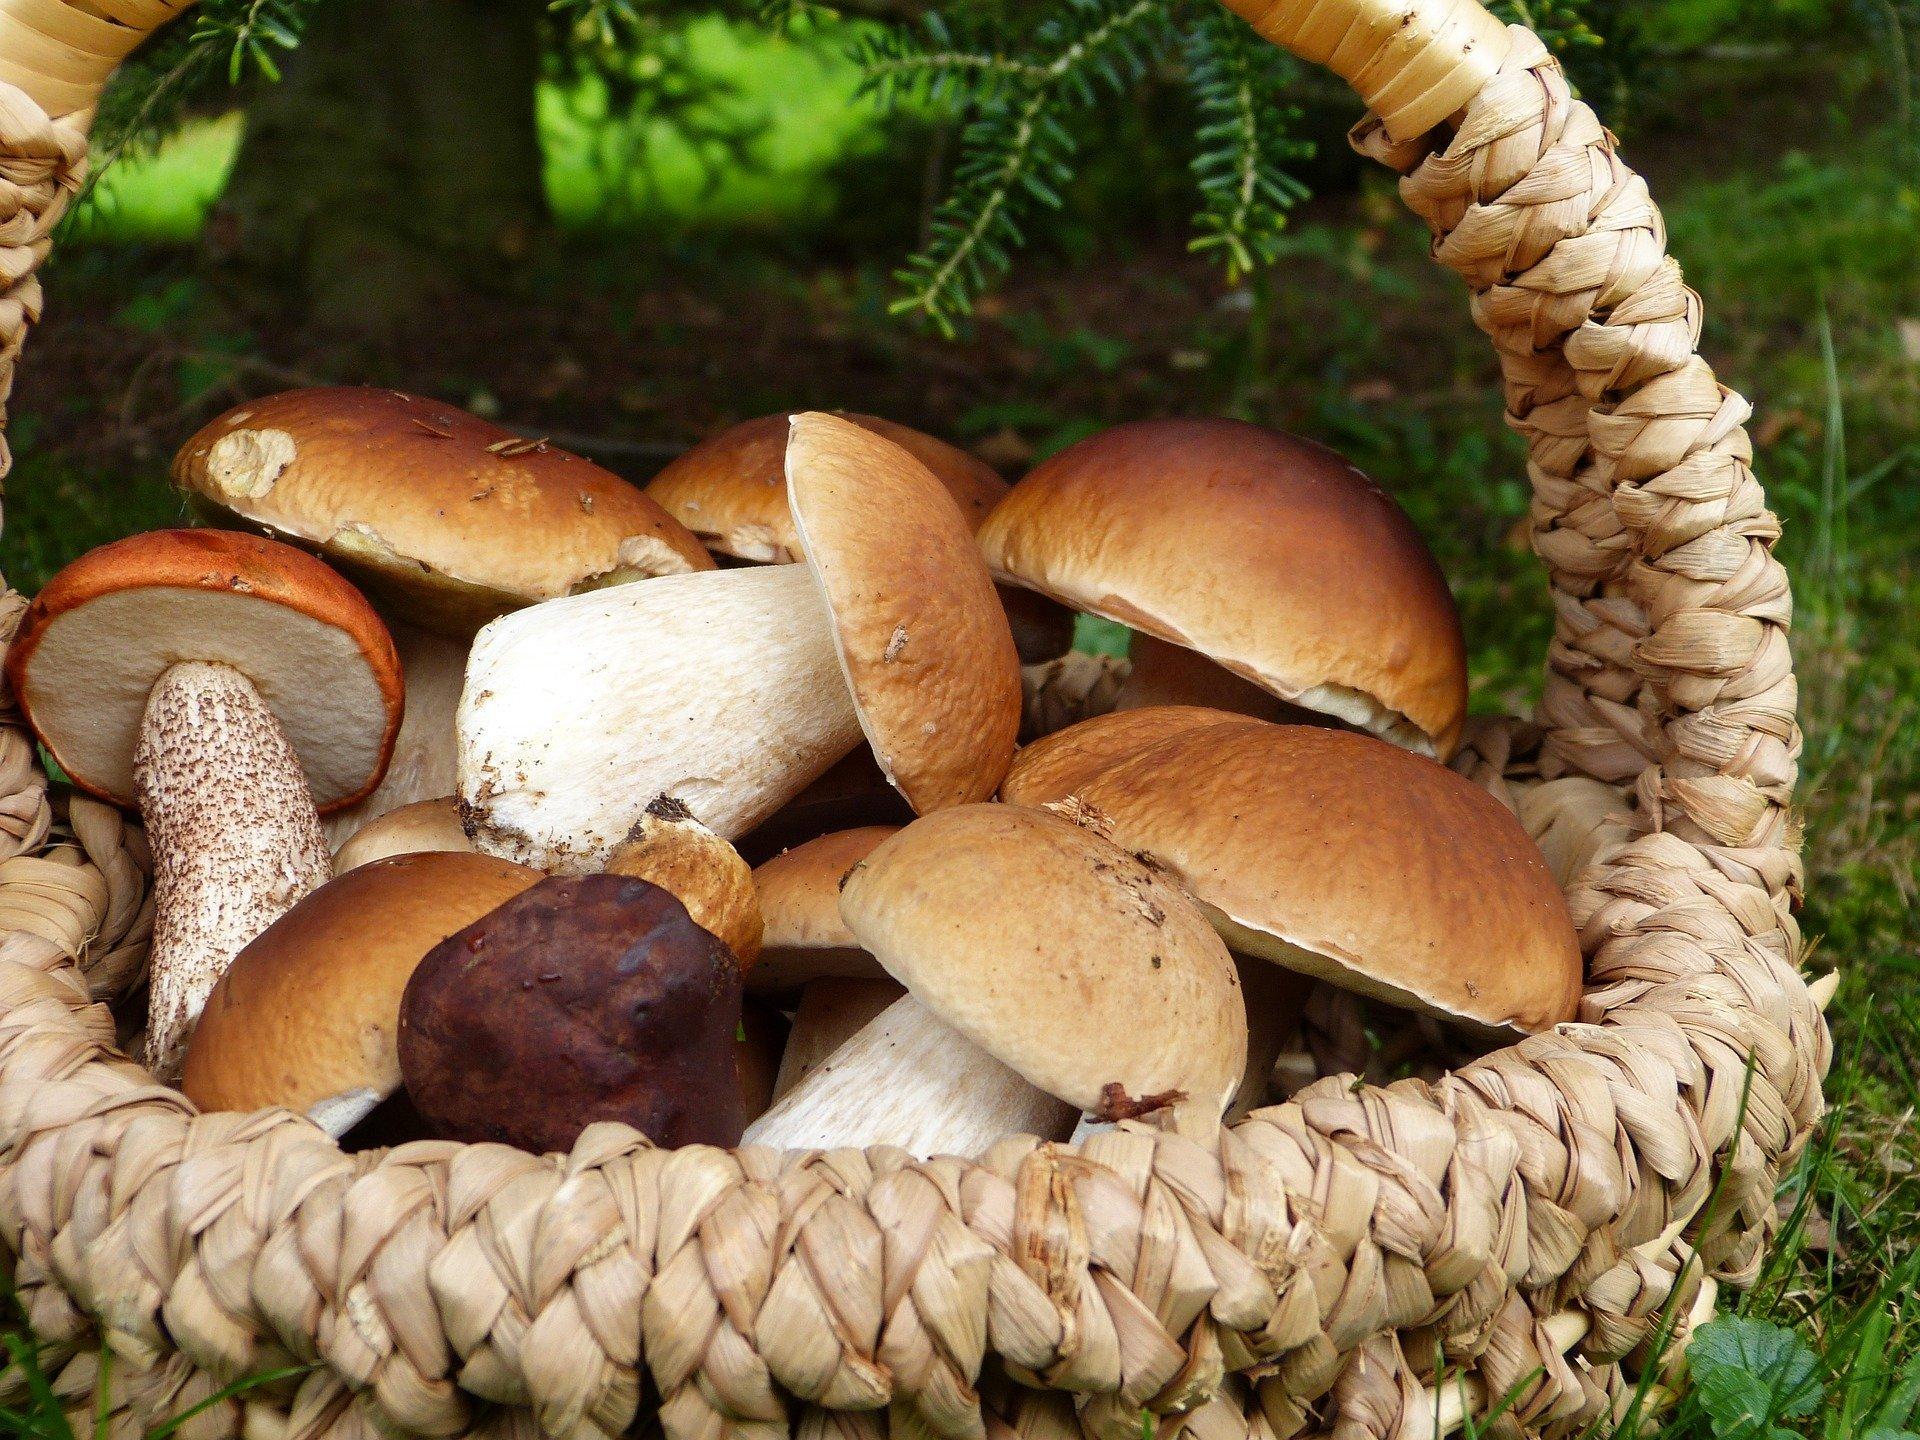 В Кировской области спасли заблудившихся в лесу грибников